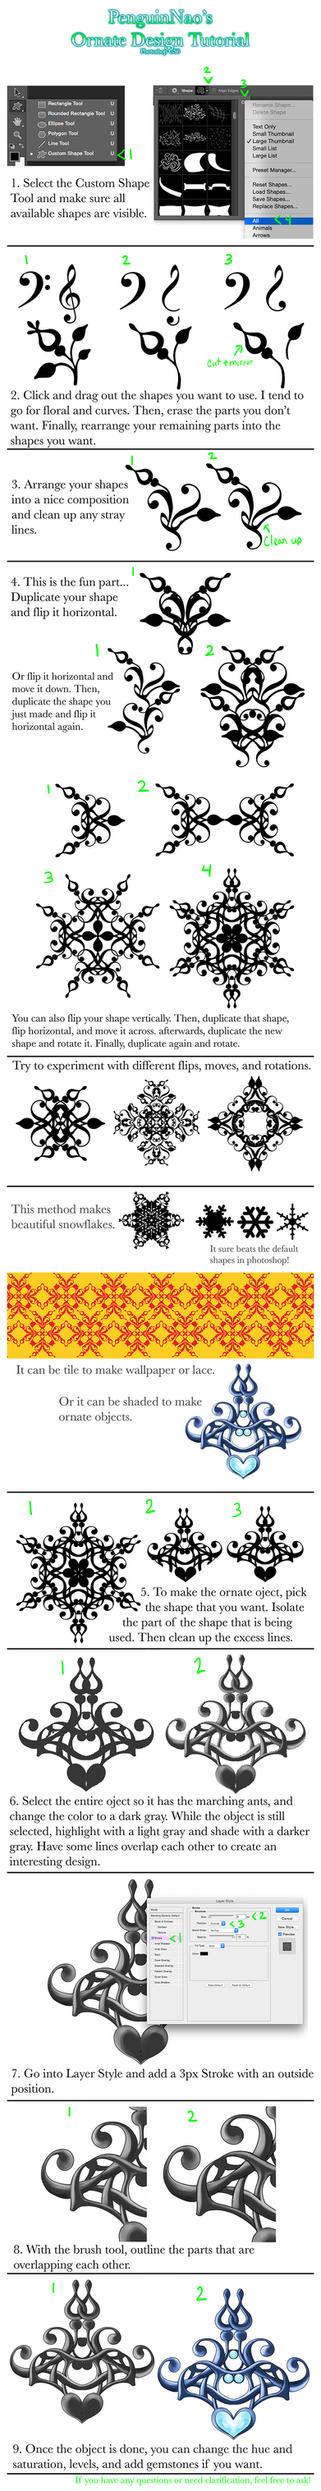 Ornate Design Tutorial by Savinee